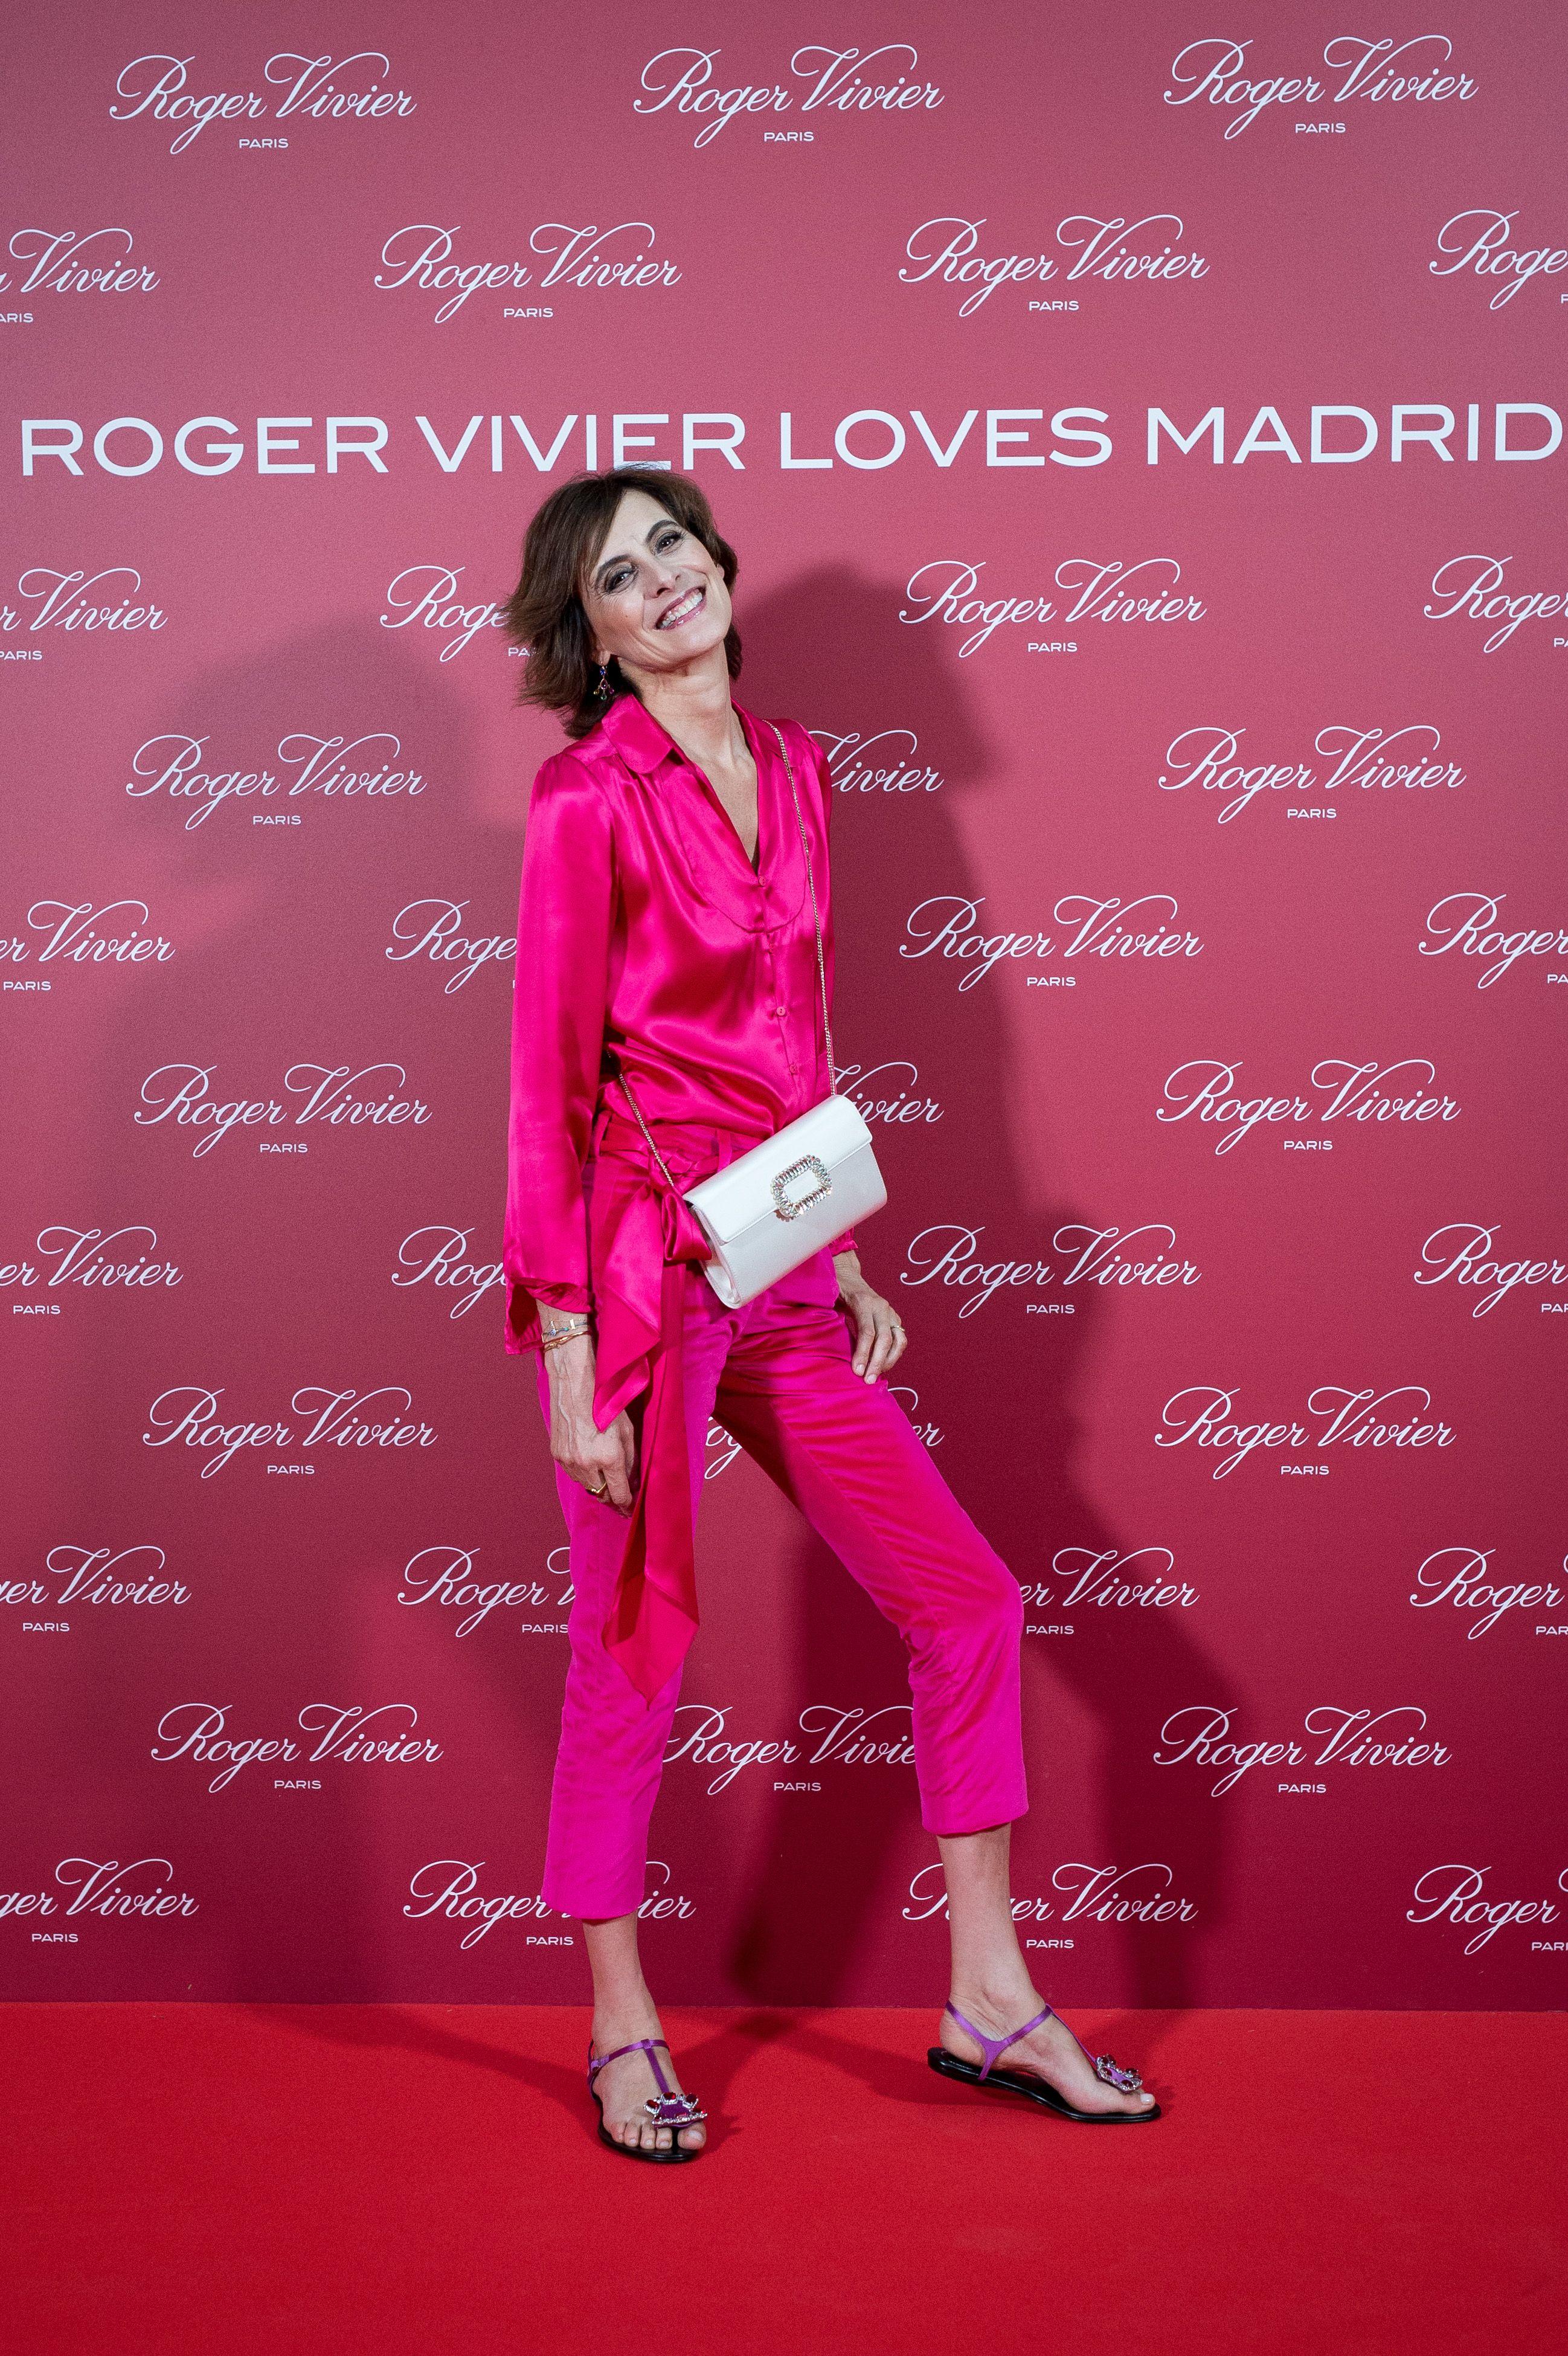 Fiesta Roger Vivier en Madrid